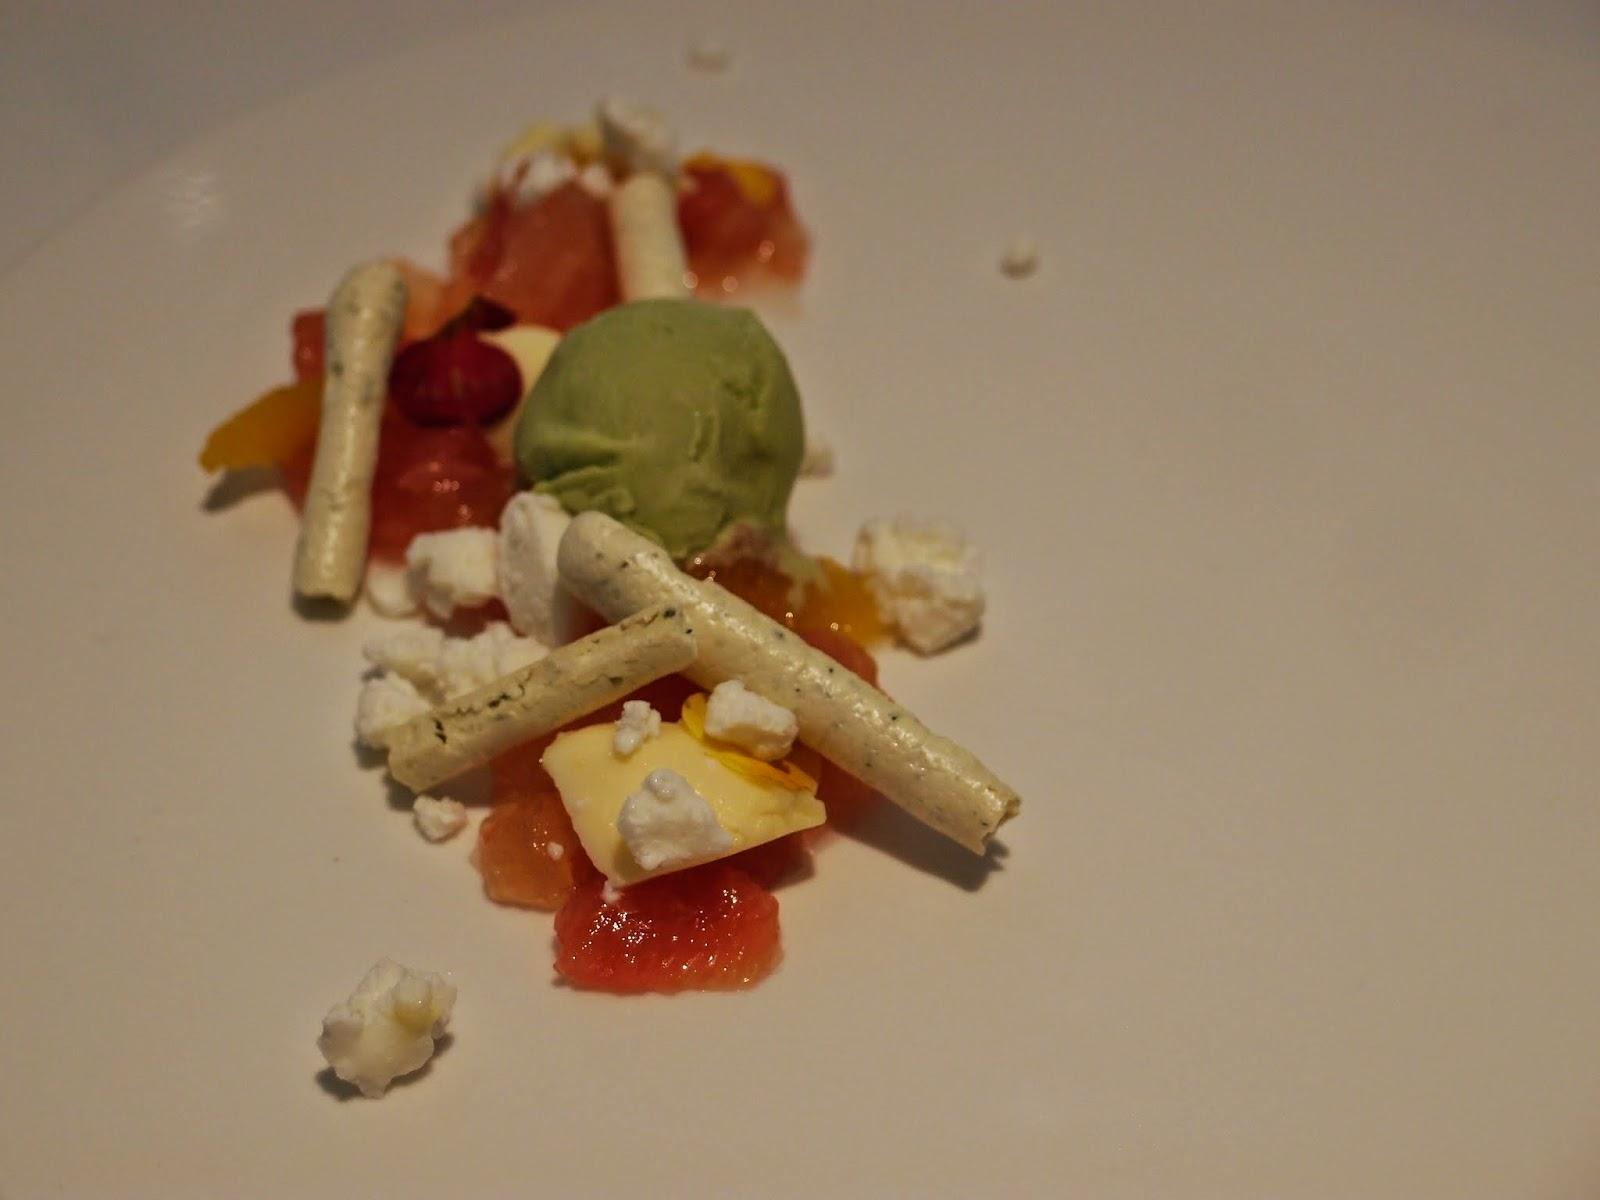 Citrus Herb ice cream